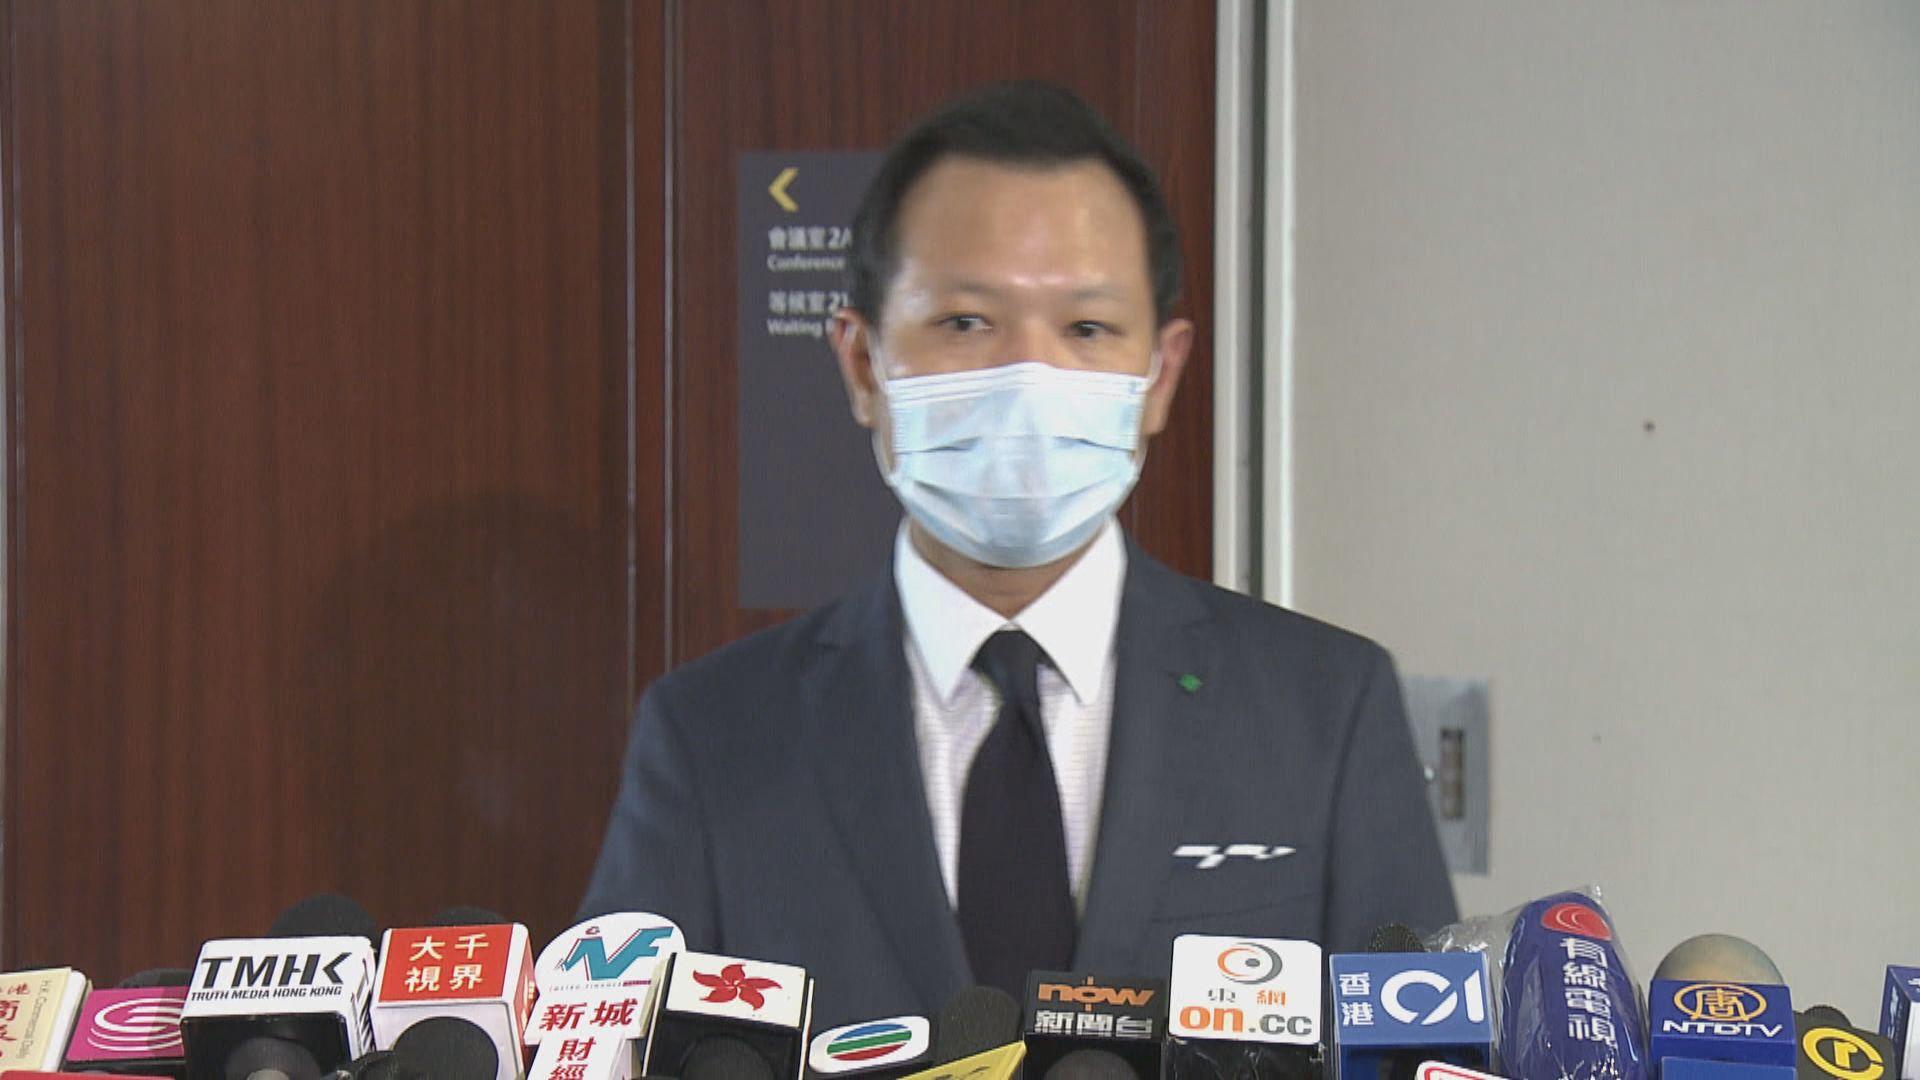 郭榮鏗:各級法院一直以三權分立原則處理司法覆核等